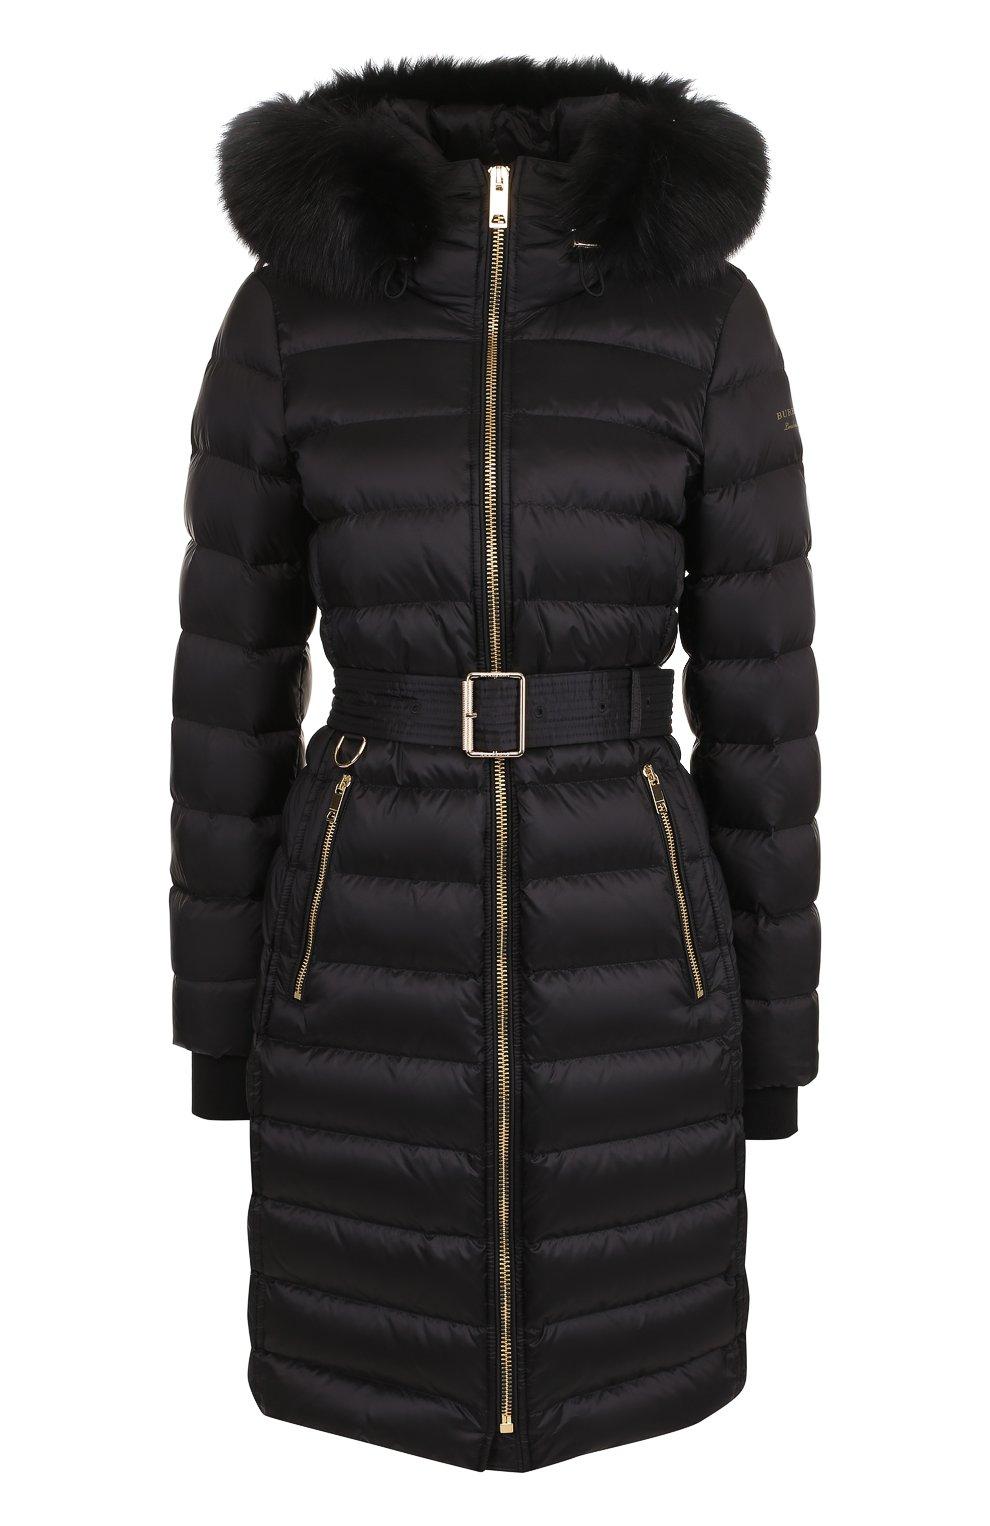 76f5fa2ec12a Женские куртки Burberry по цене от 27 900 руб. купить в интернет-магазине  ЦУМ